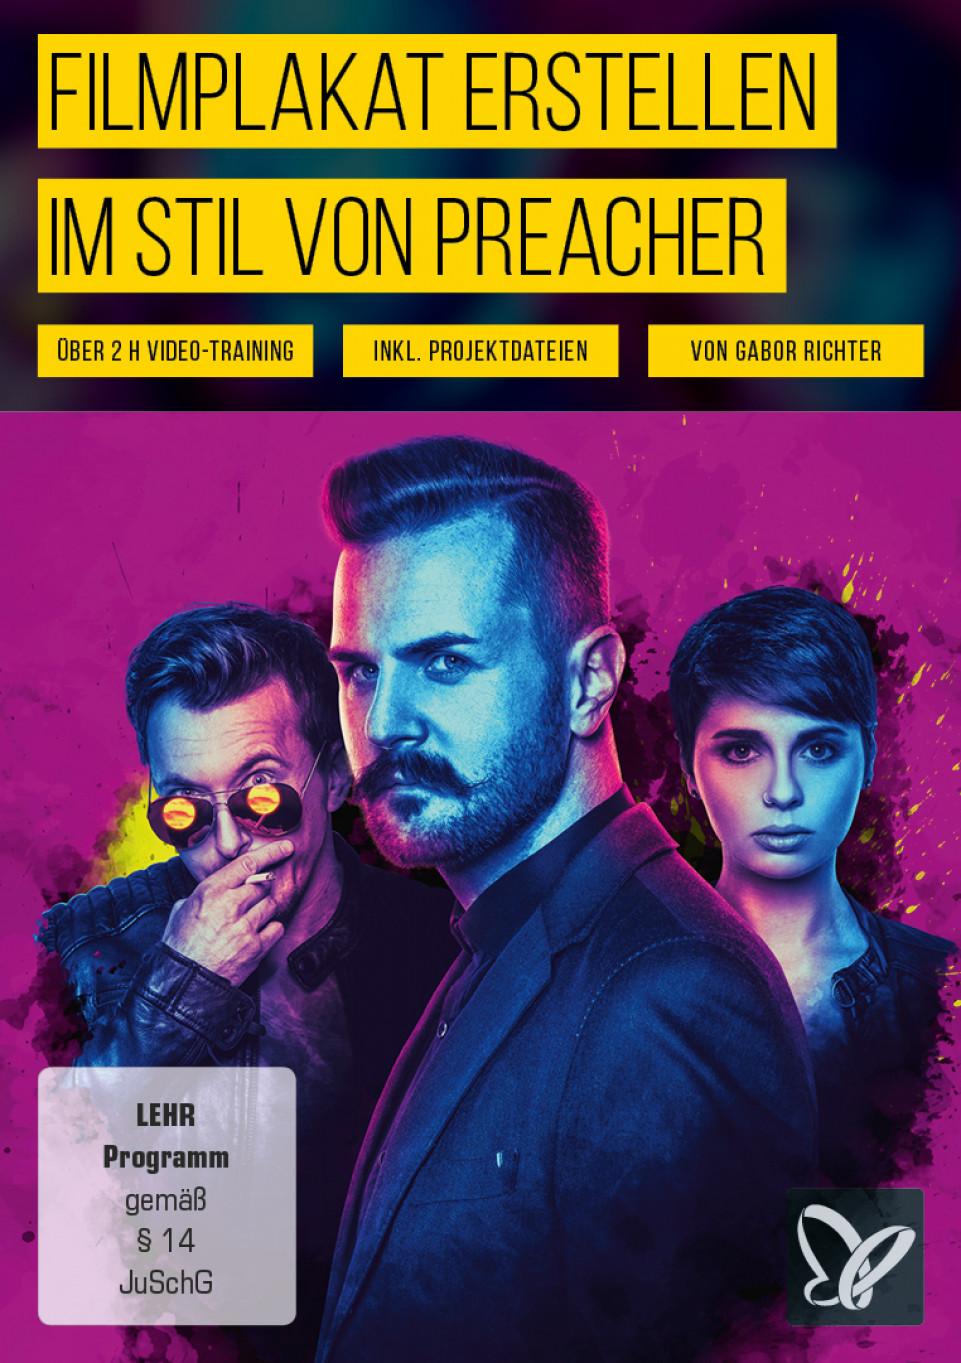 Filmplakat erstellen im Stil von Preacher – Fotoshooting & Photoshop-Tutorial